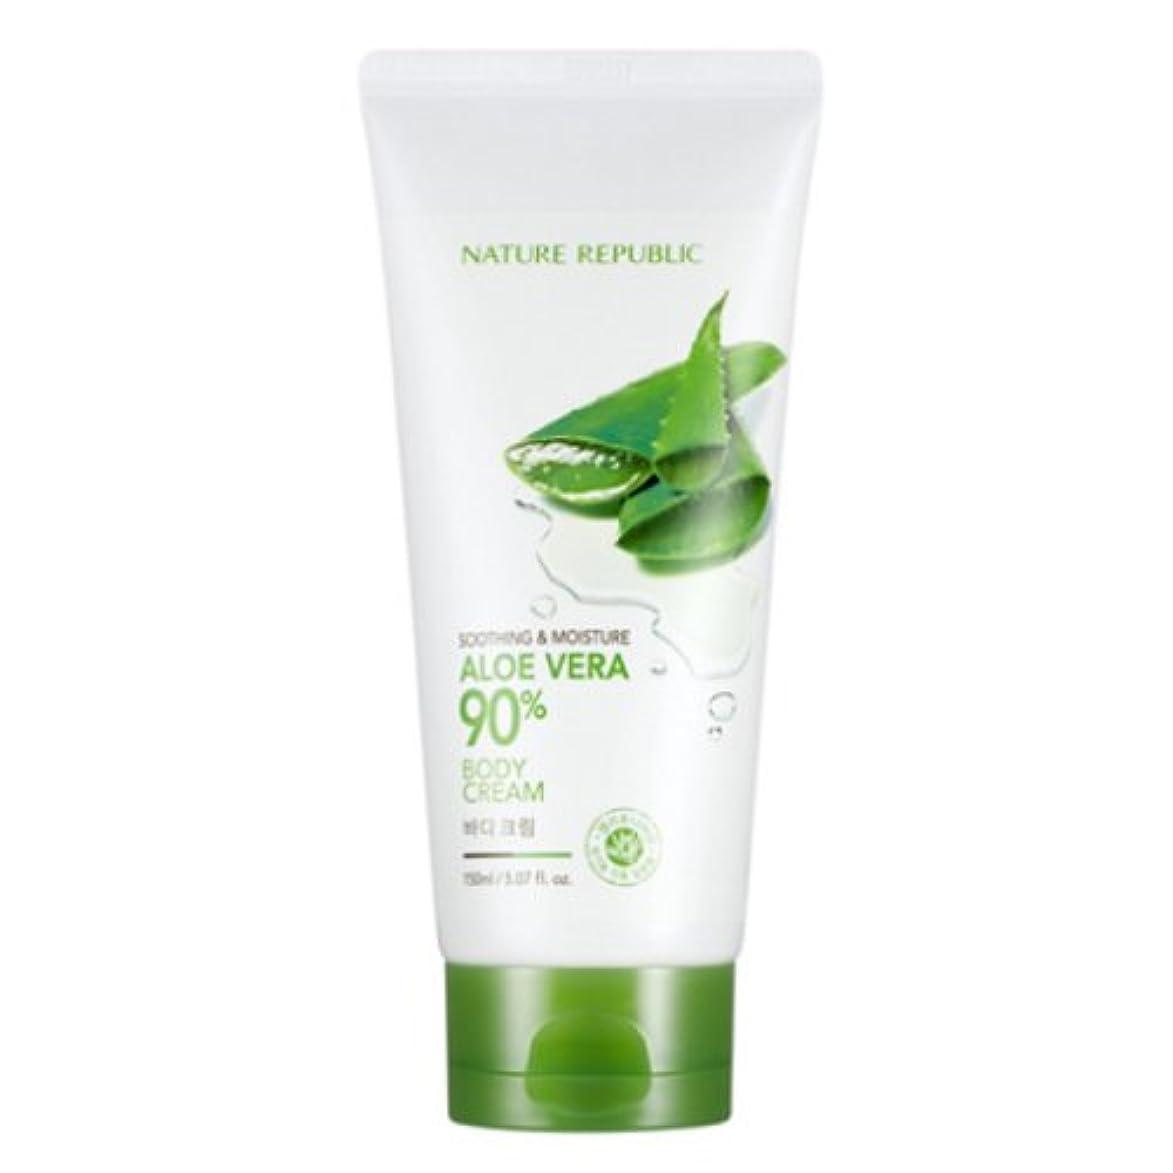 恥貧困ナラーバー[ネイチャーリパブリック] Nature republicスージングアンドモイスチャーアロエベラ90%ボディクリーム海外直送品(Soothing And Moisture Aloe Vera90%Body Cream)...